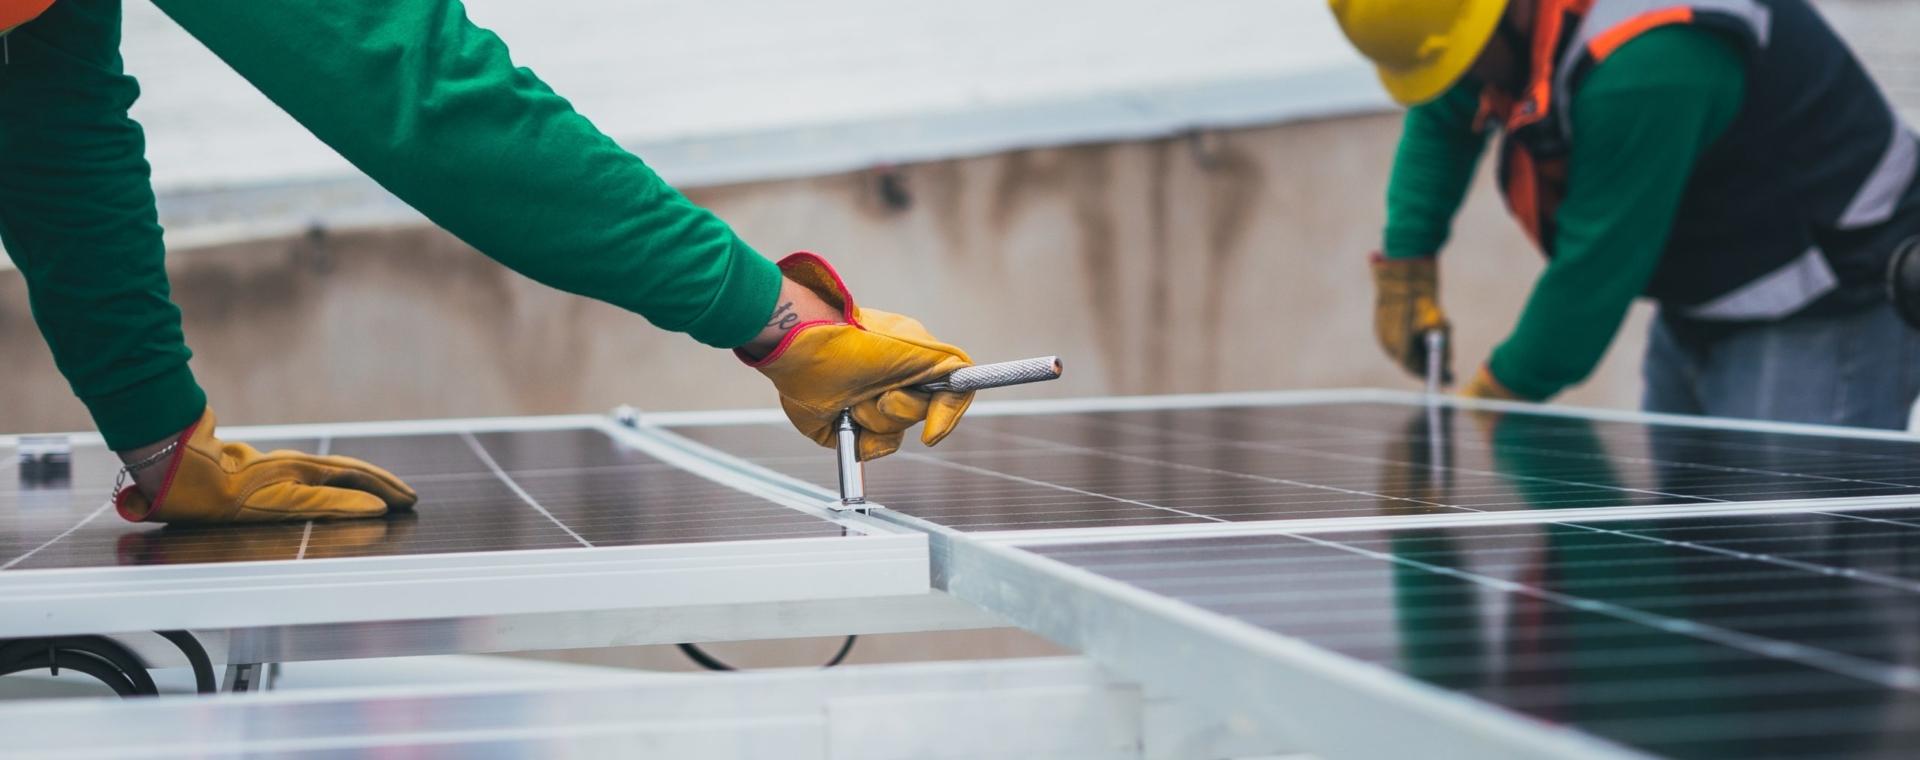 Pracownicy instalujący panele słoneczne